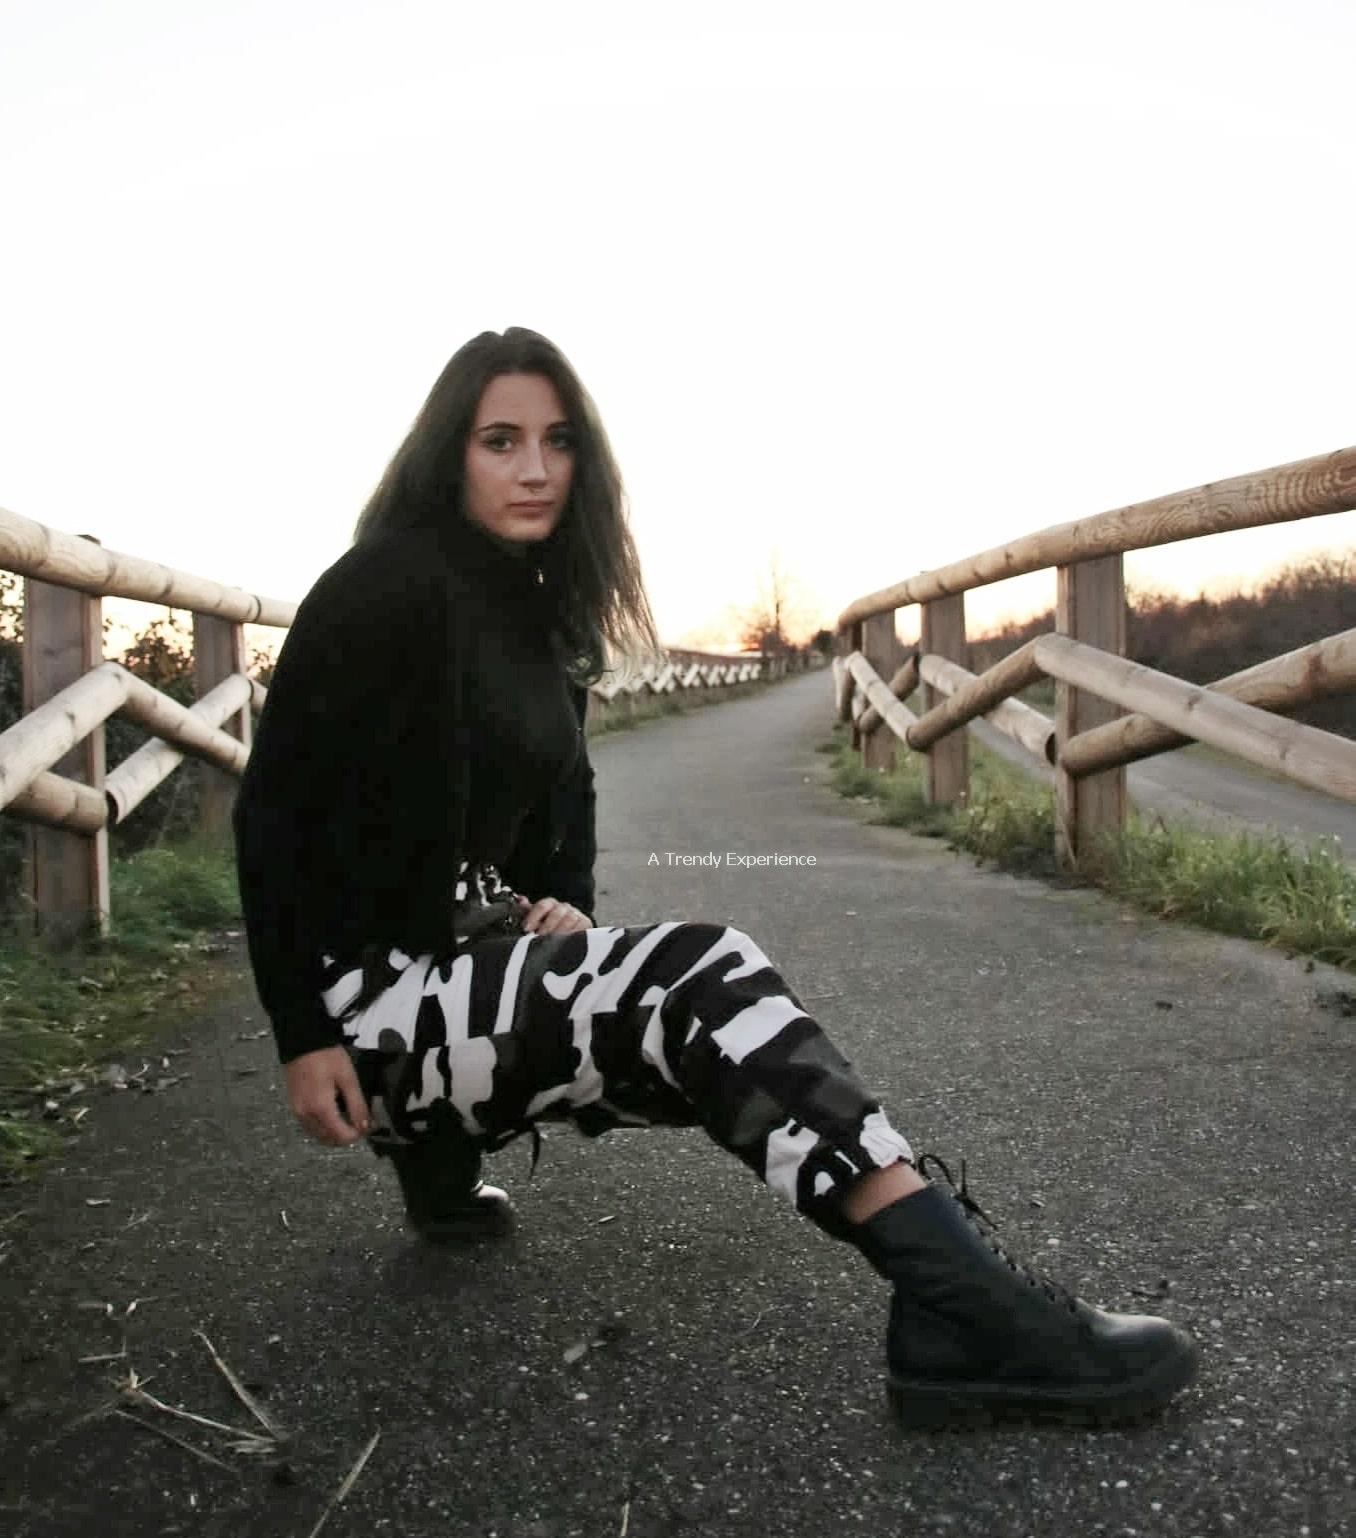 come indossare gli anfibi con stile